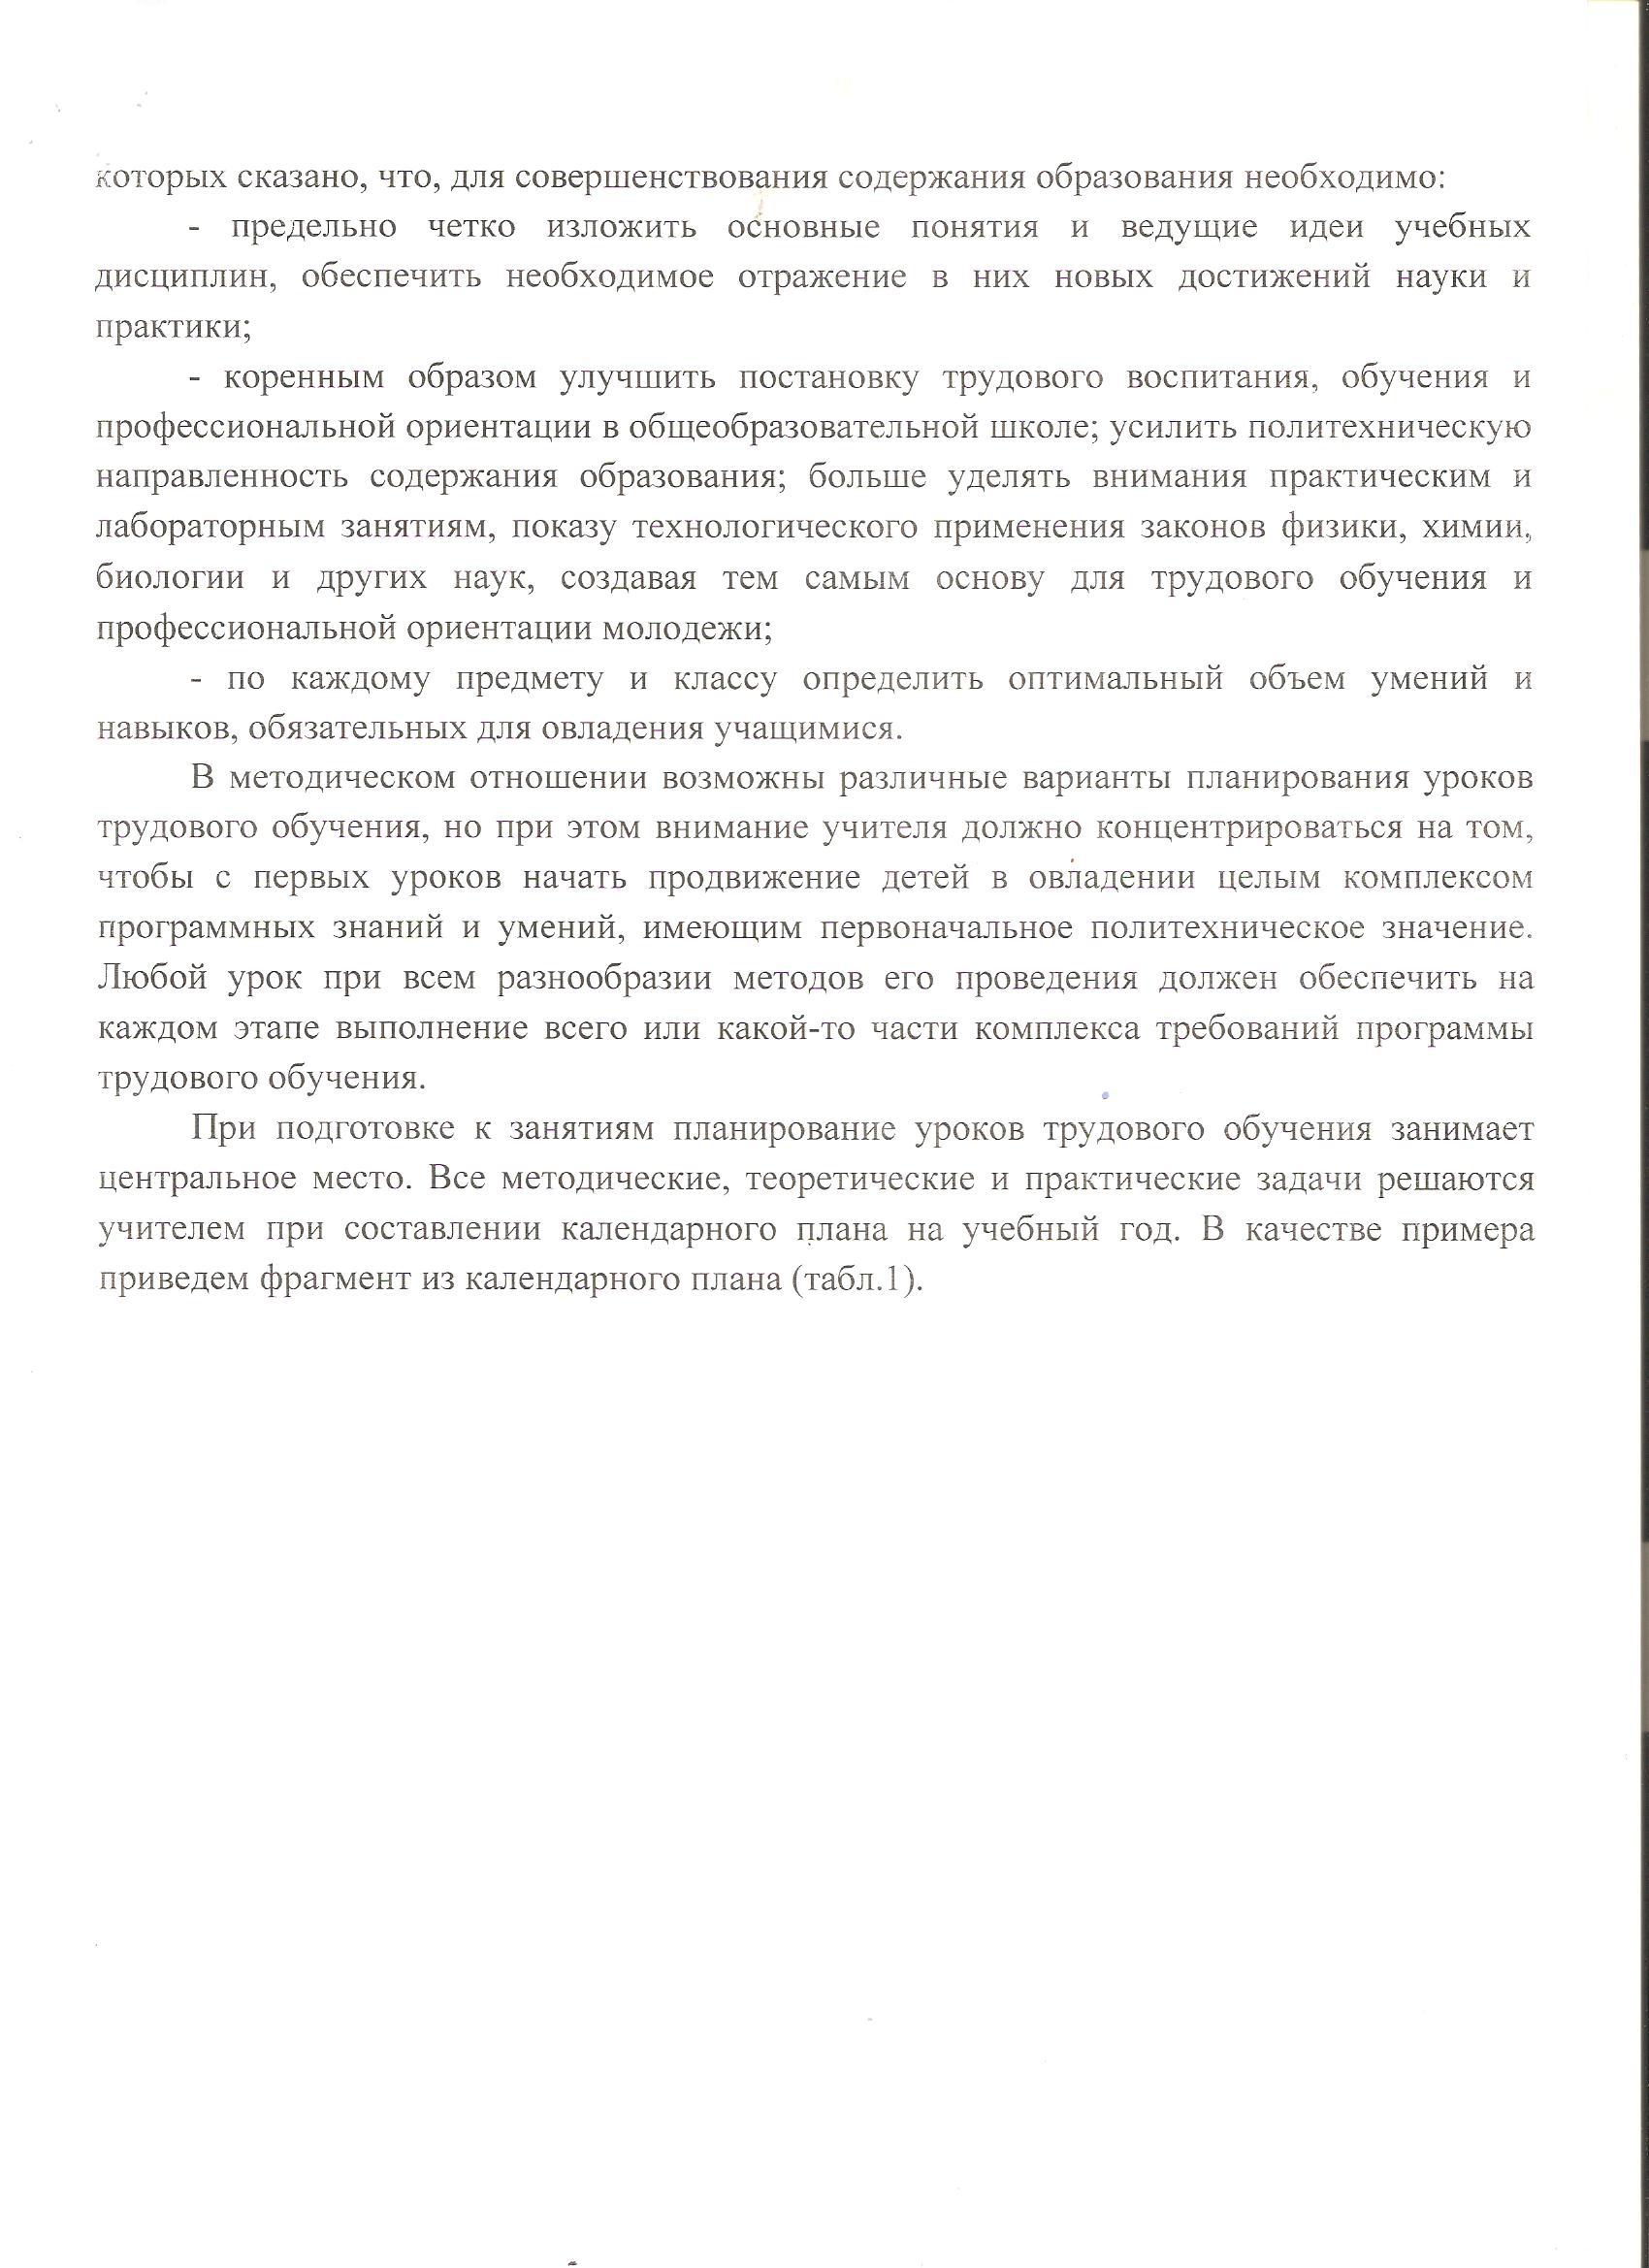 C:\Users\Люда\Pictures\2016-01-03 1\1 012.jpg